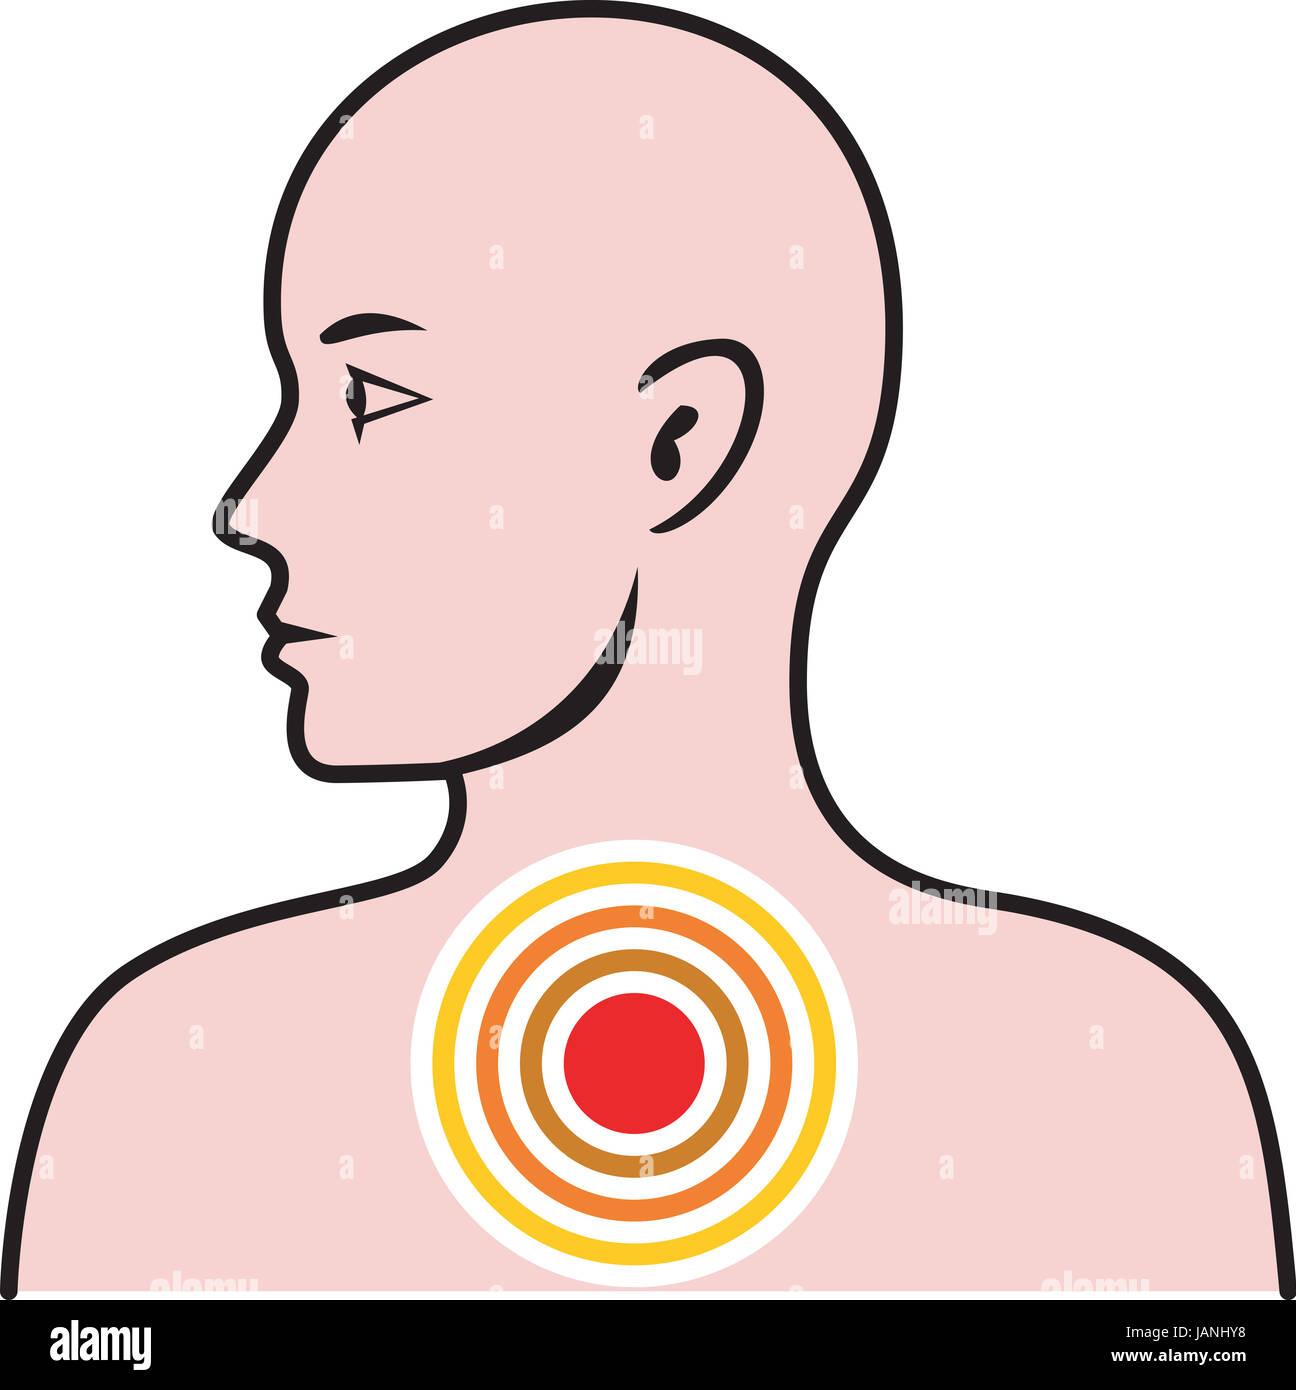 Ilustración de la anatomía humana mostrando un torso masculino ...